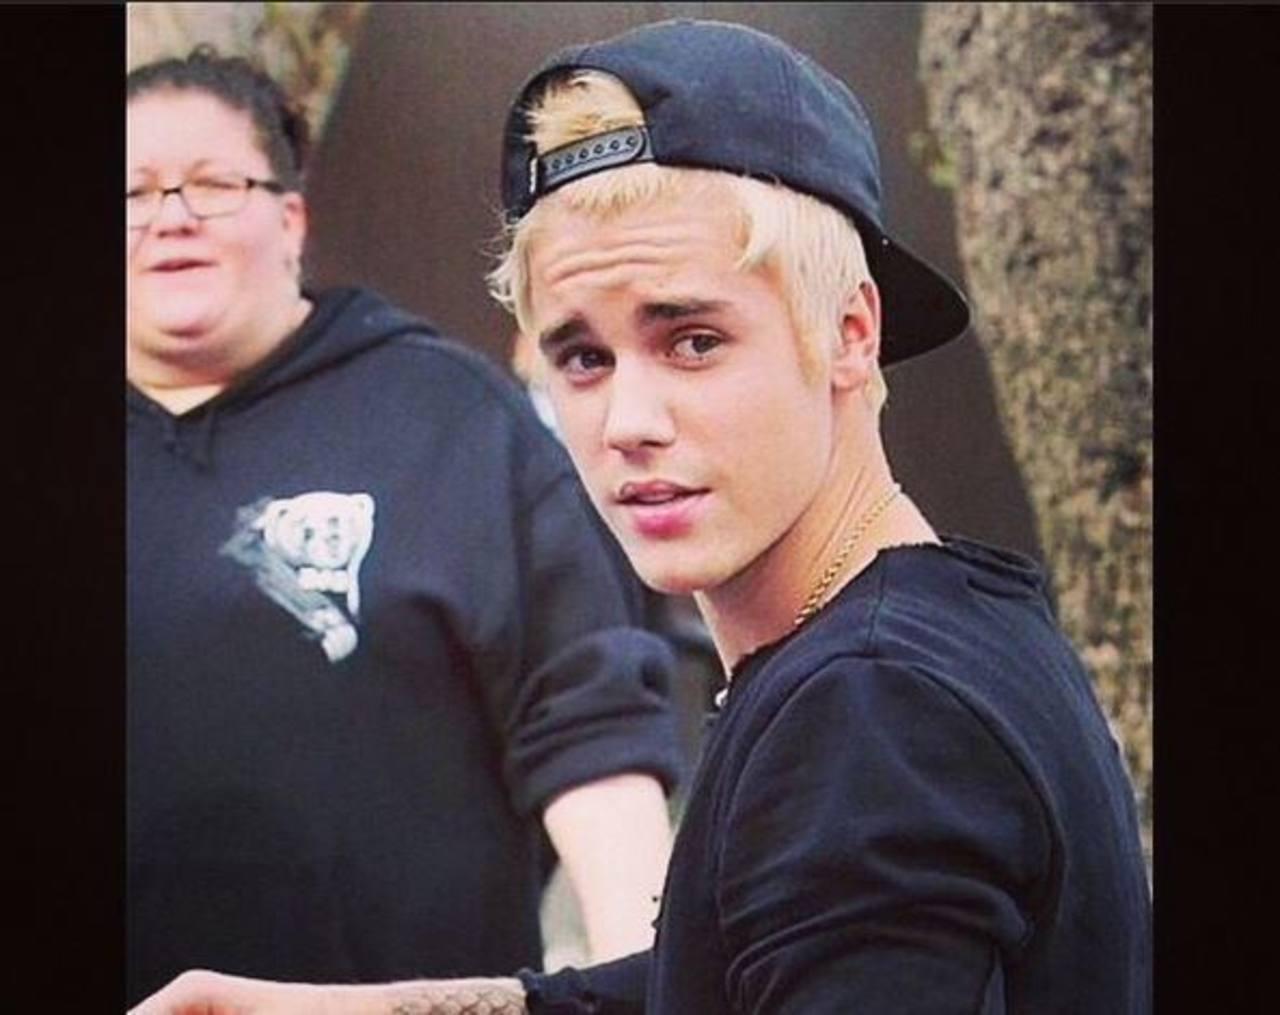 Justin Bieber perdió 3 millones y medio de seguidores falsos en Instagram